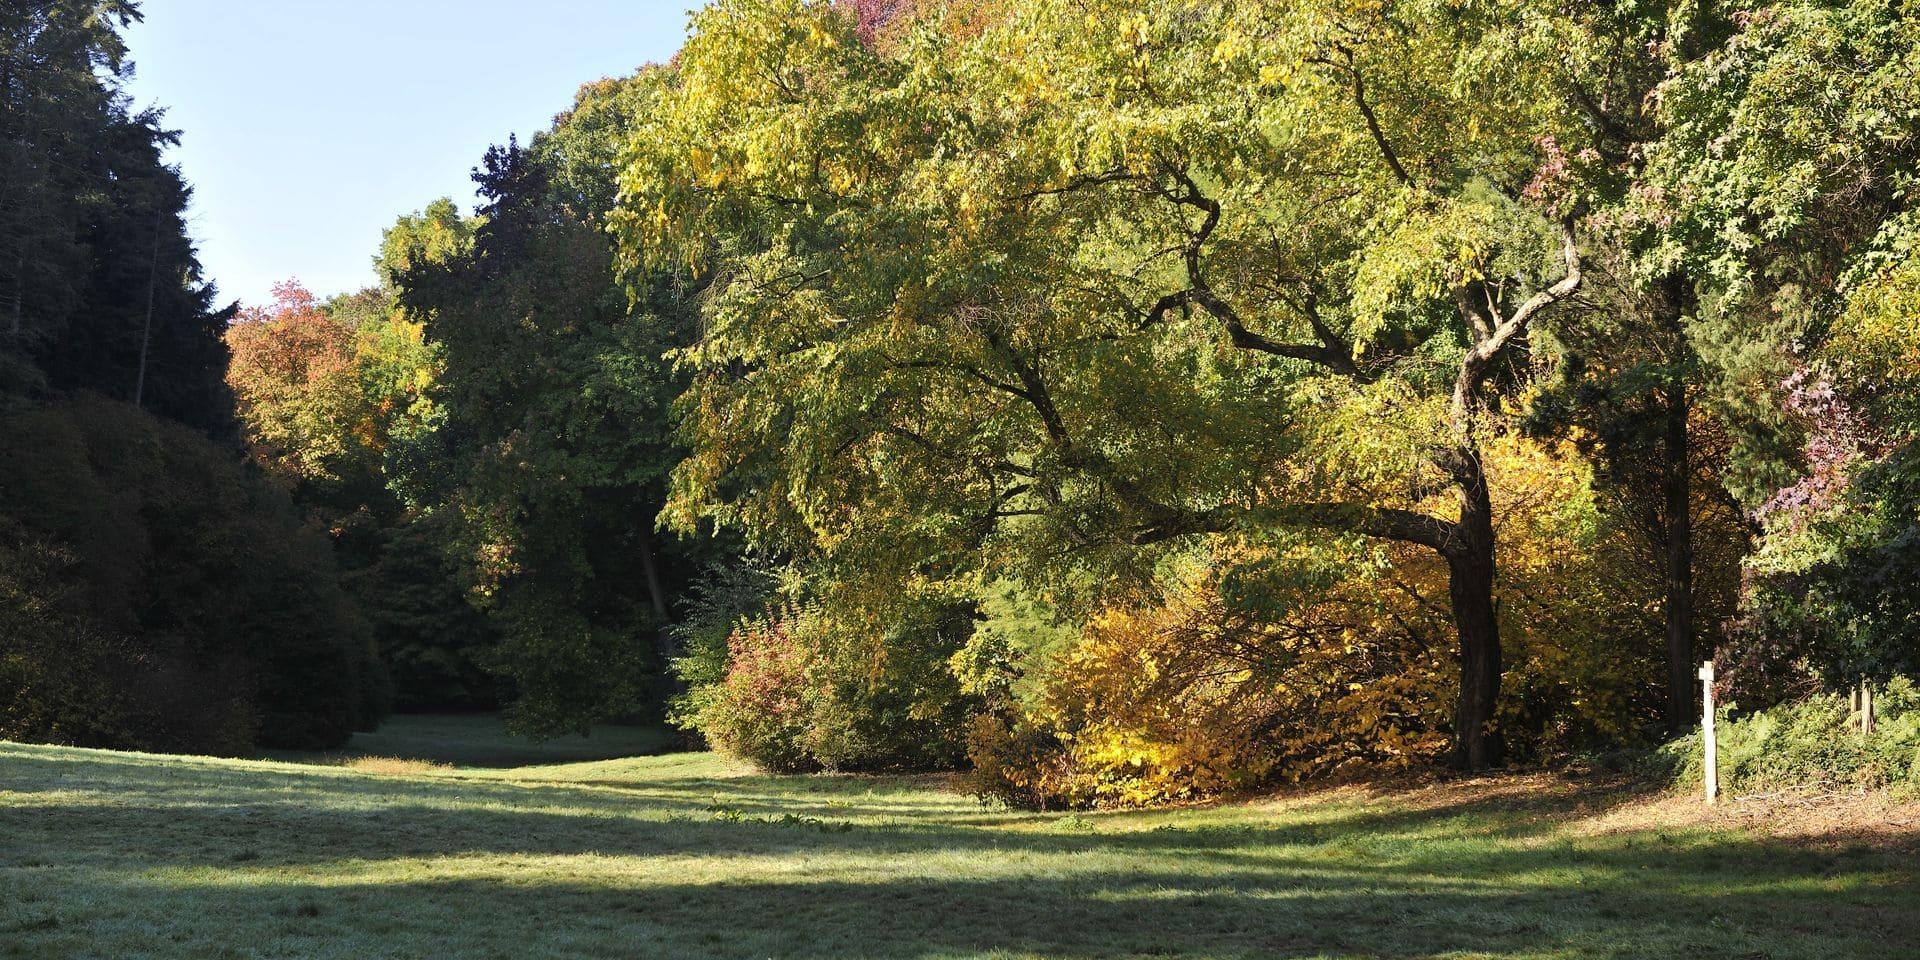 L'Arboretum de Tervuren, la perle cachée de la forêt de Soignes : un tour du monde en quelques promenades